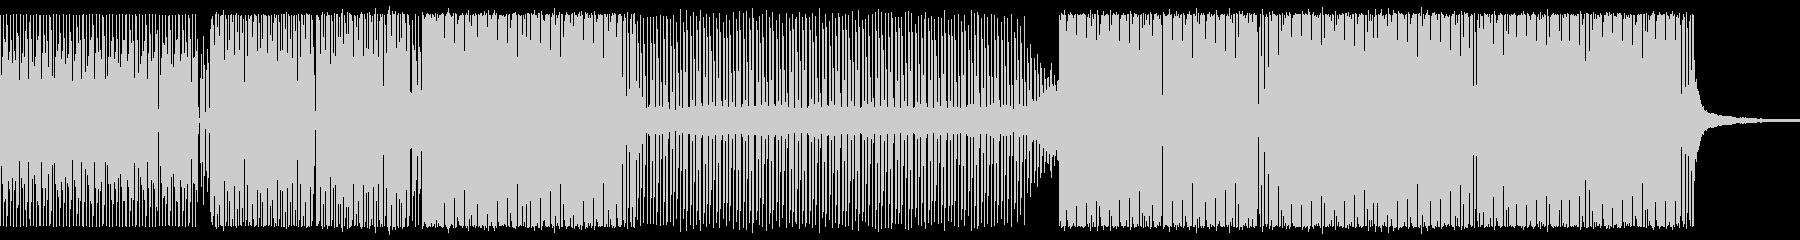 ファンキーハウス。の未再生の波形